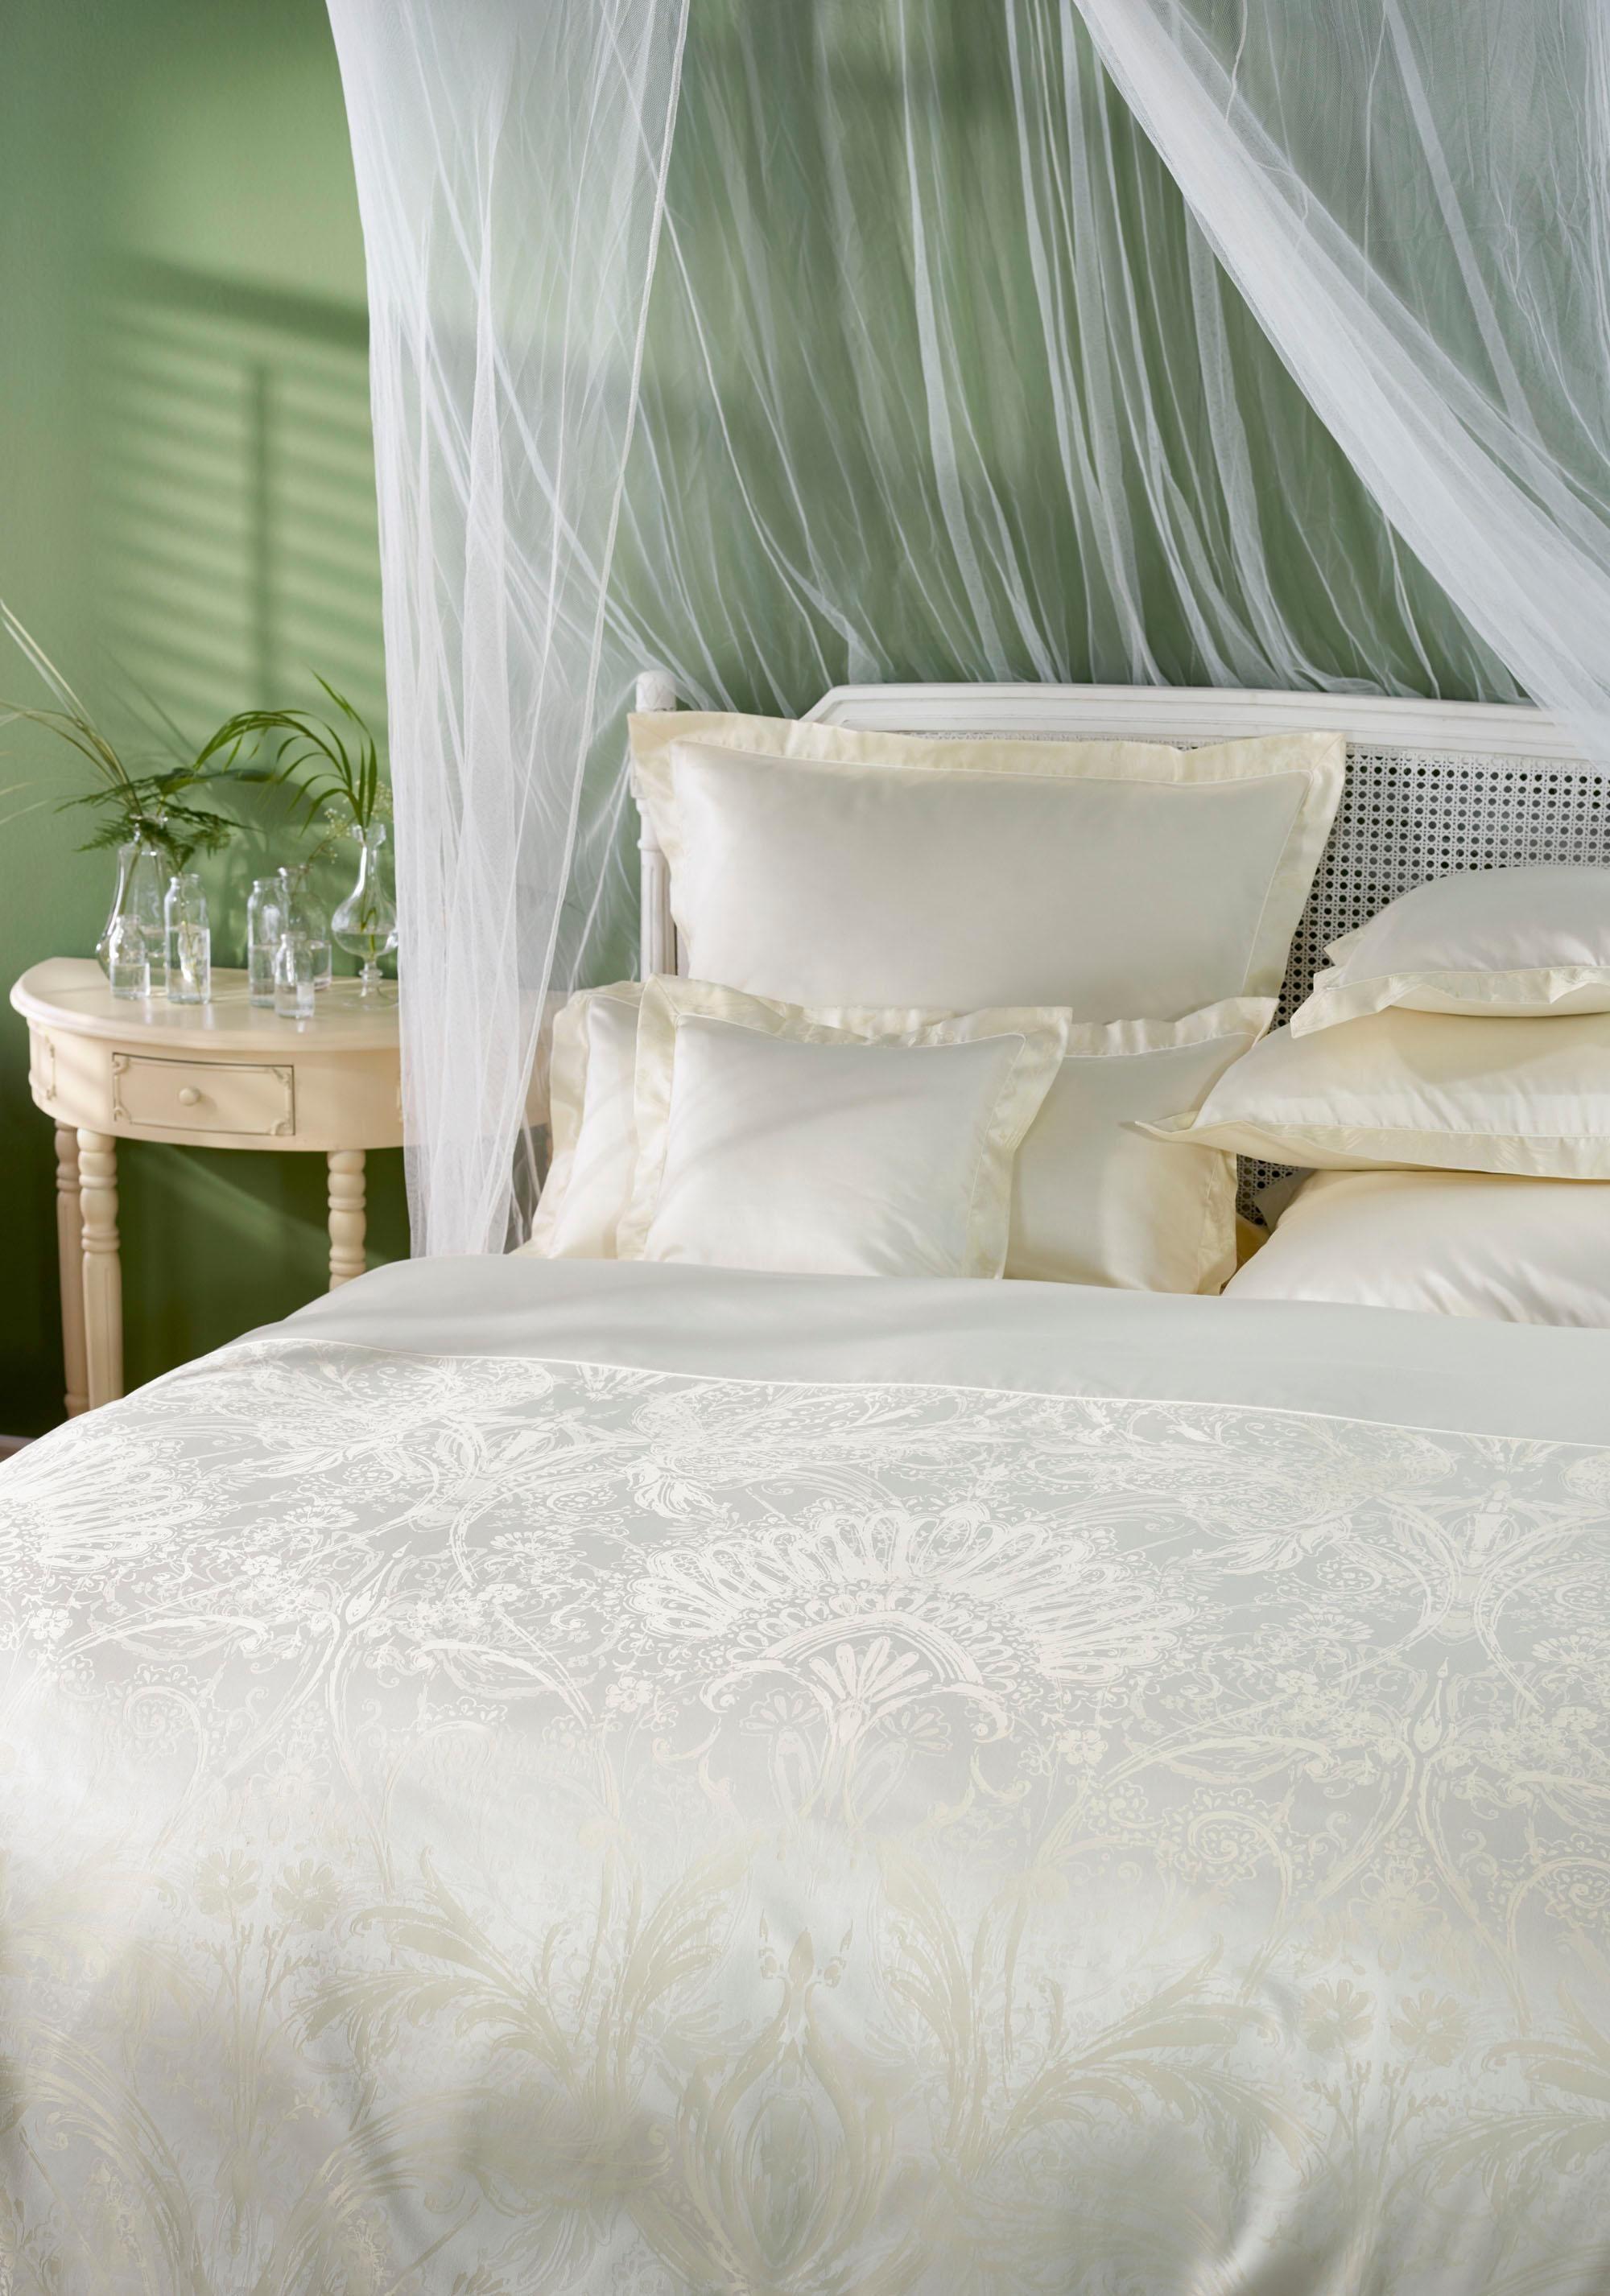 orientalische teekanne preisvergleich die besten angebote online kaufen. Black Bedroom Furniture Sets. Home Design Ideas